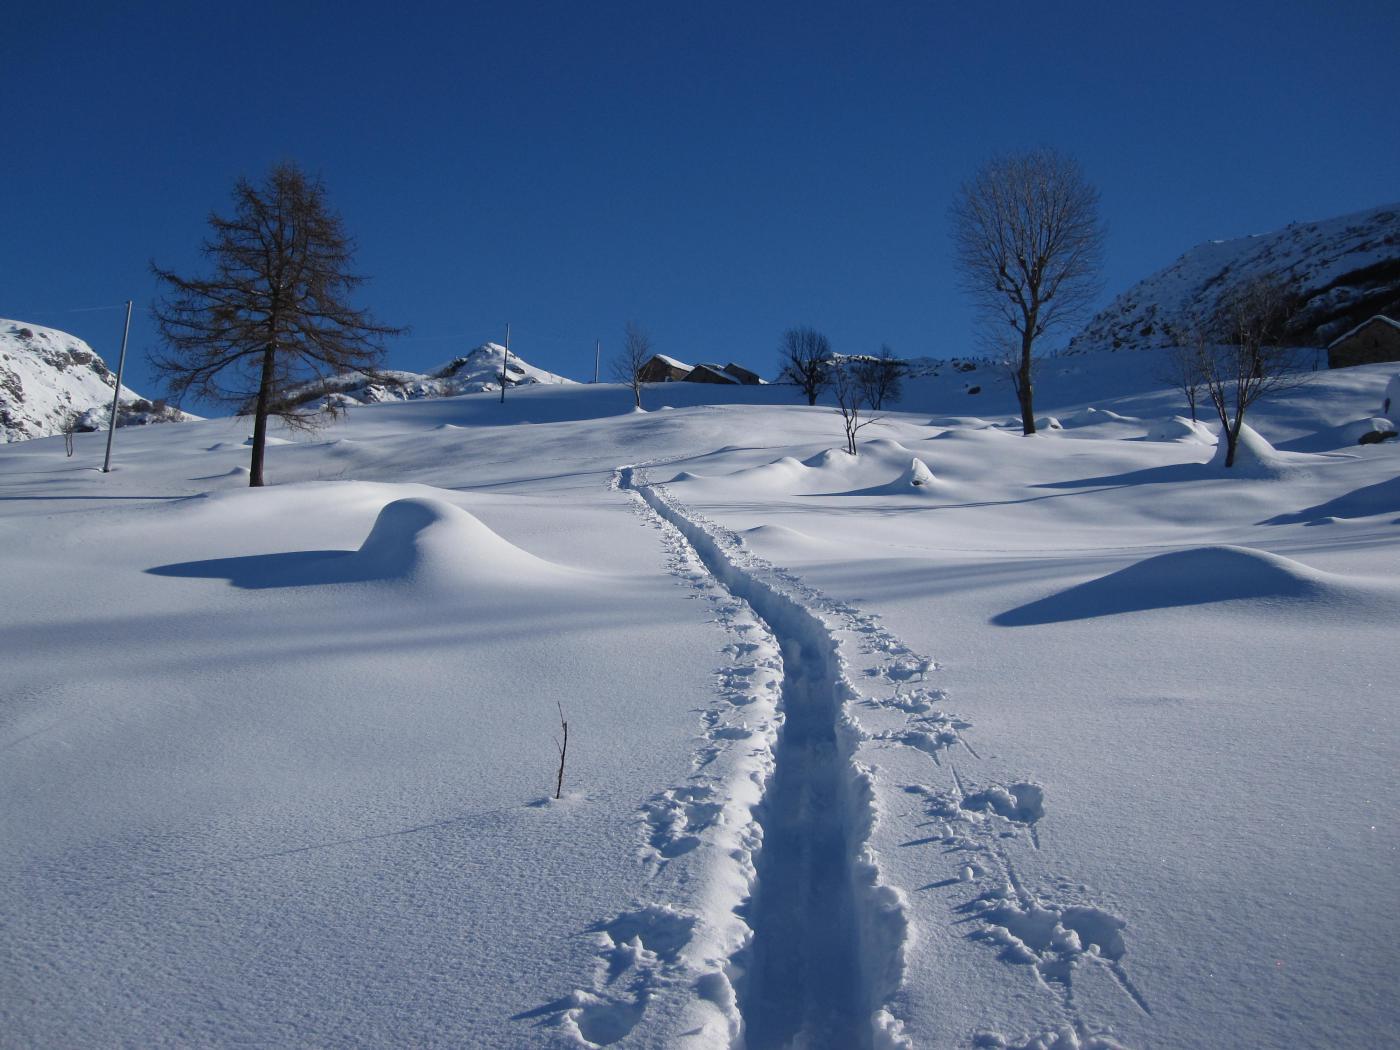 la traccia di salita sotto l'alpe Buri